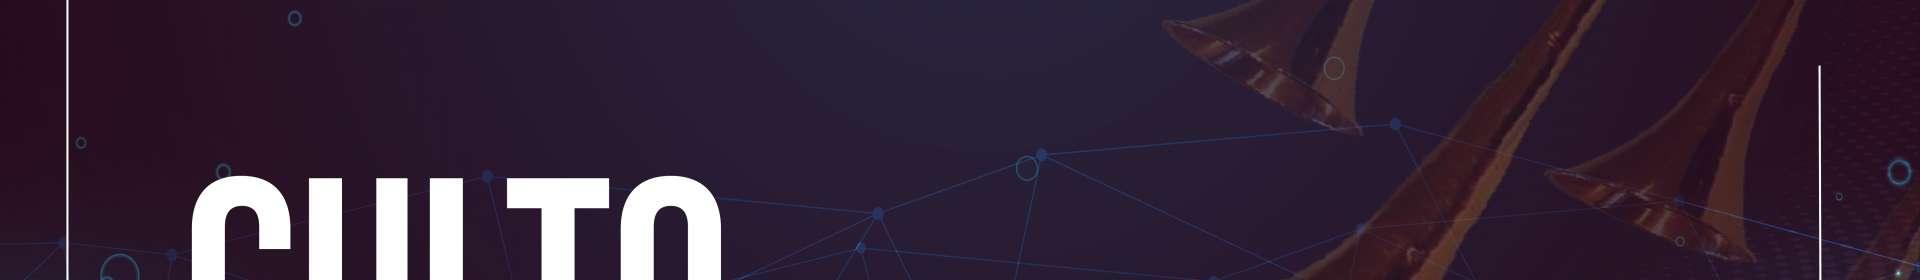 Culto via satélite exibido em 08/12/2019